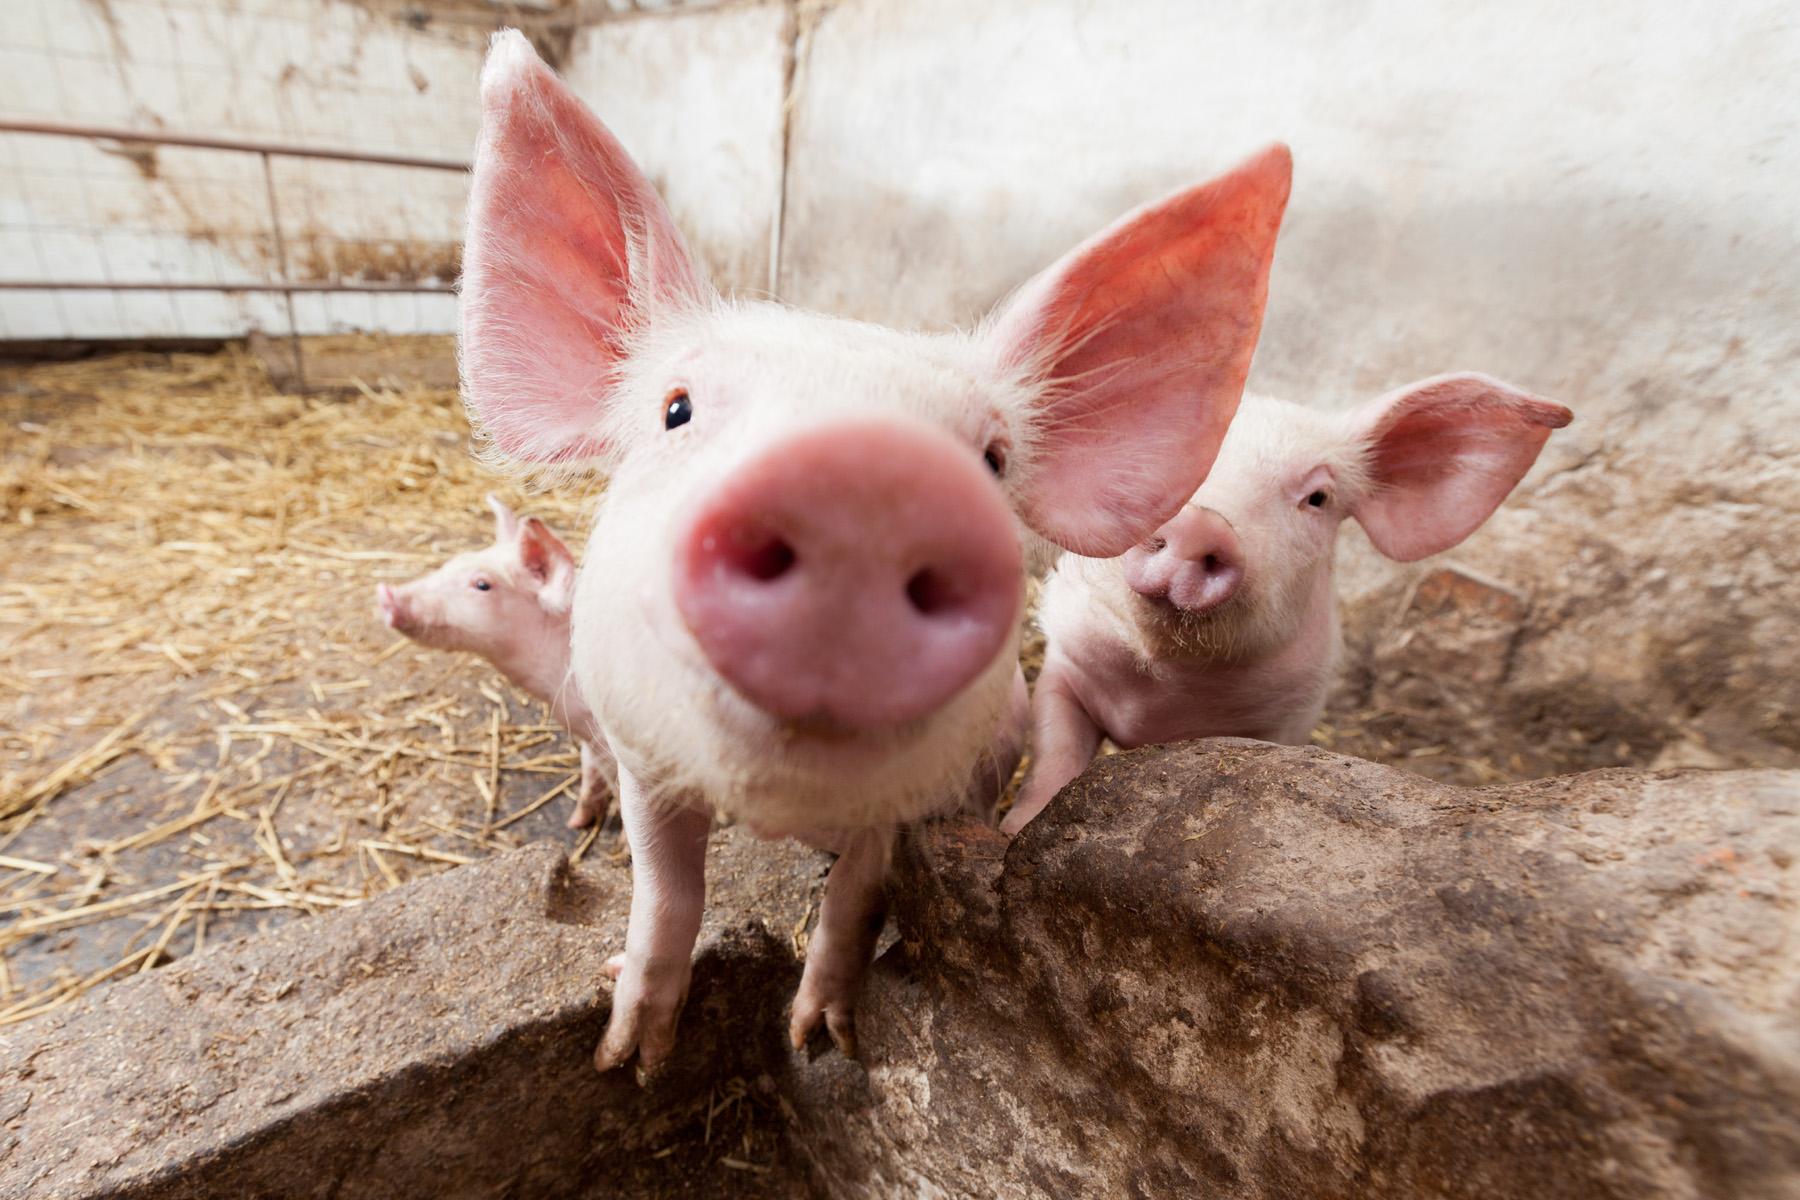 10月10日全国各省市仔猪价格报价表,广东仔猪价格再涨至新高